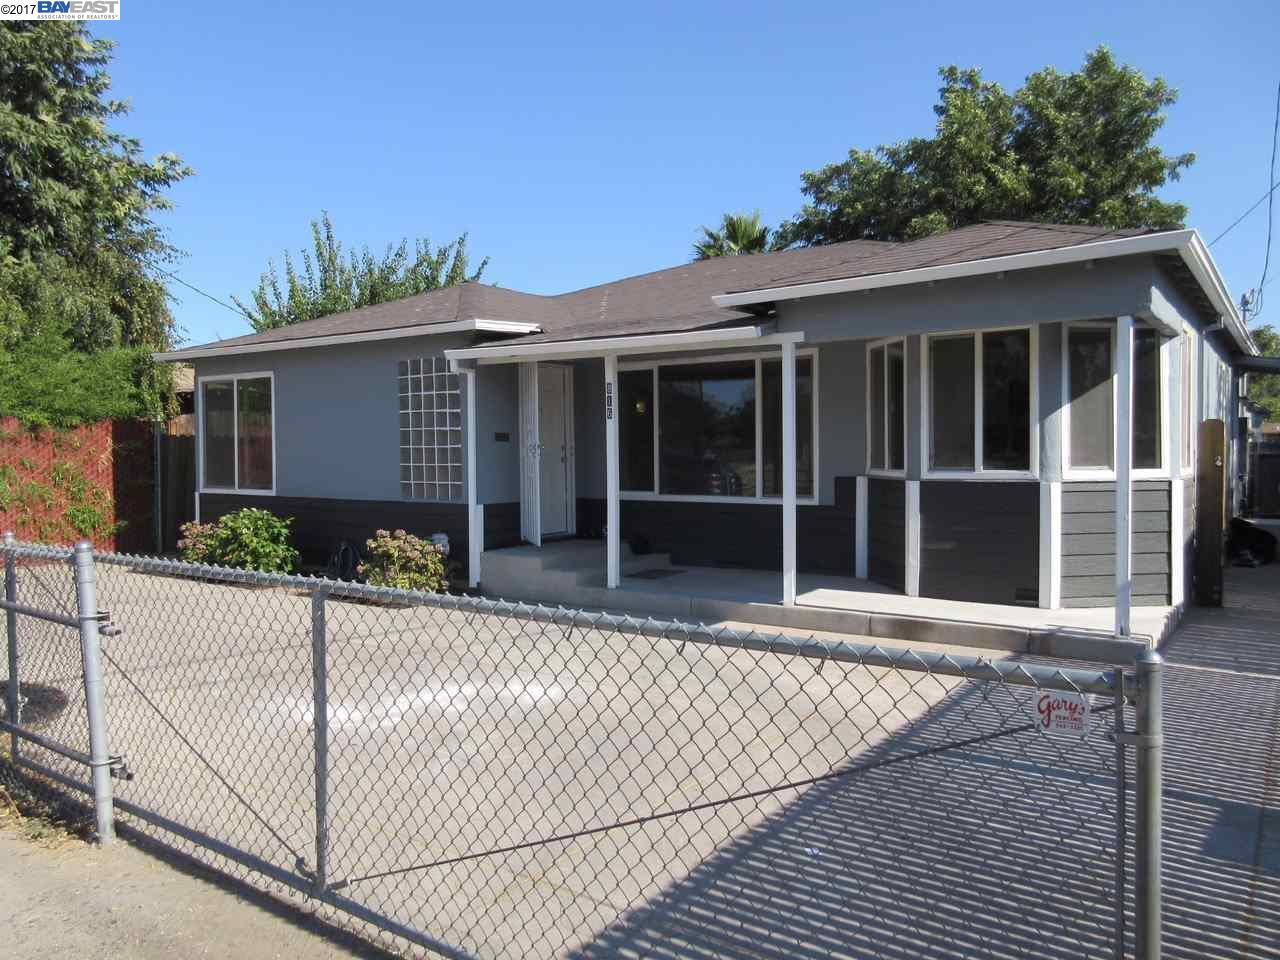 816 California Ave, MODESTO, CA 95351